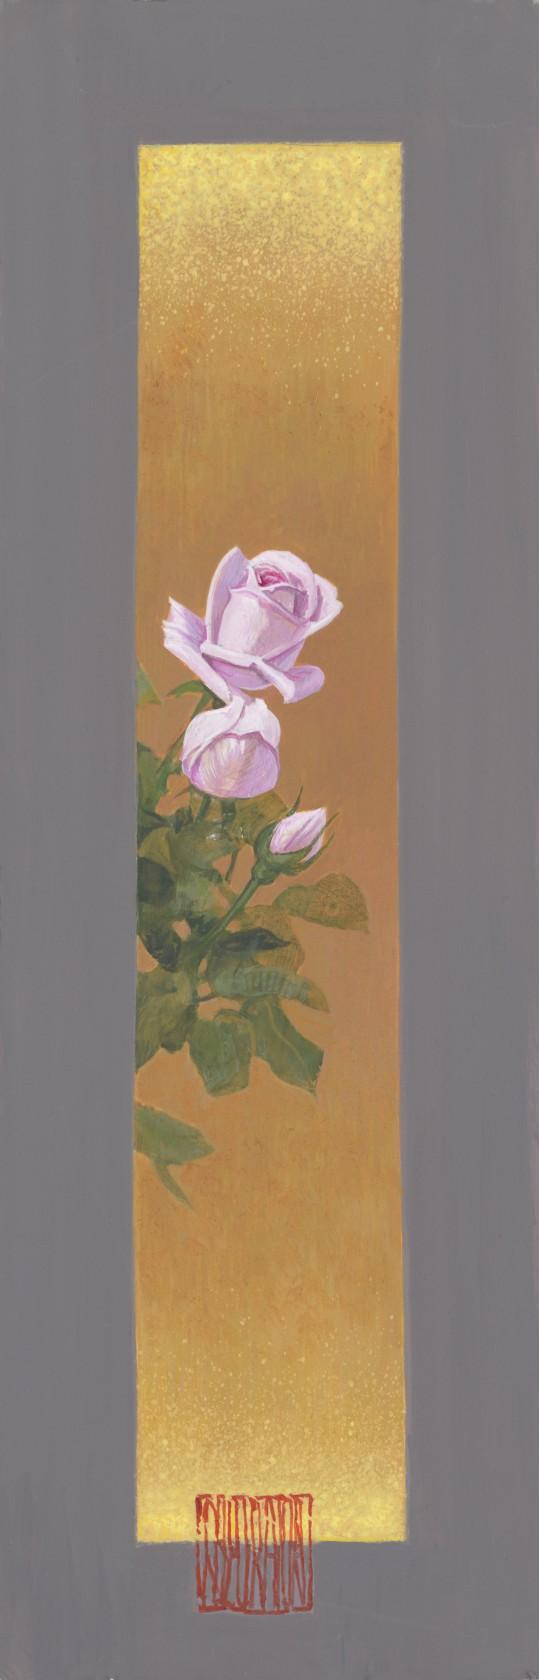 薔薇図 短冊